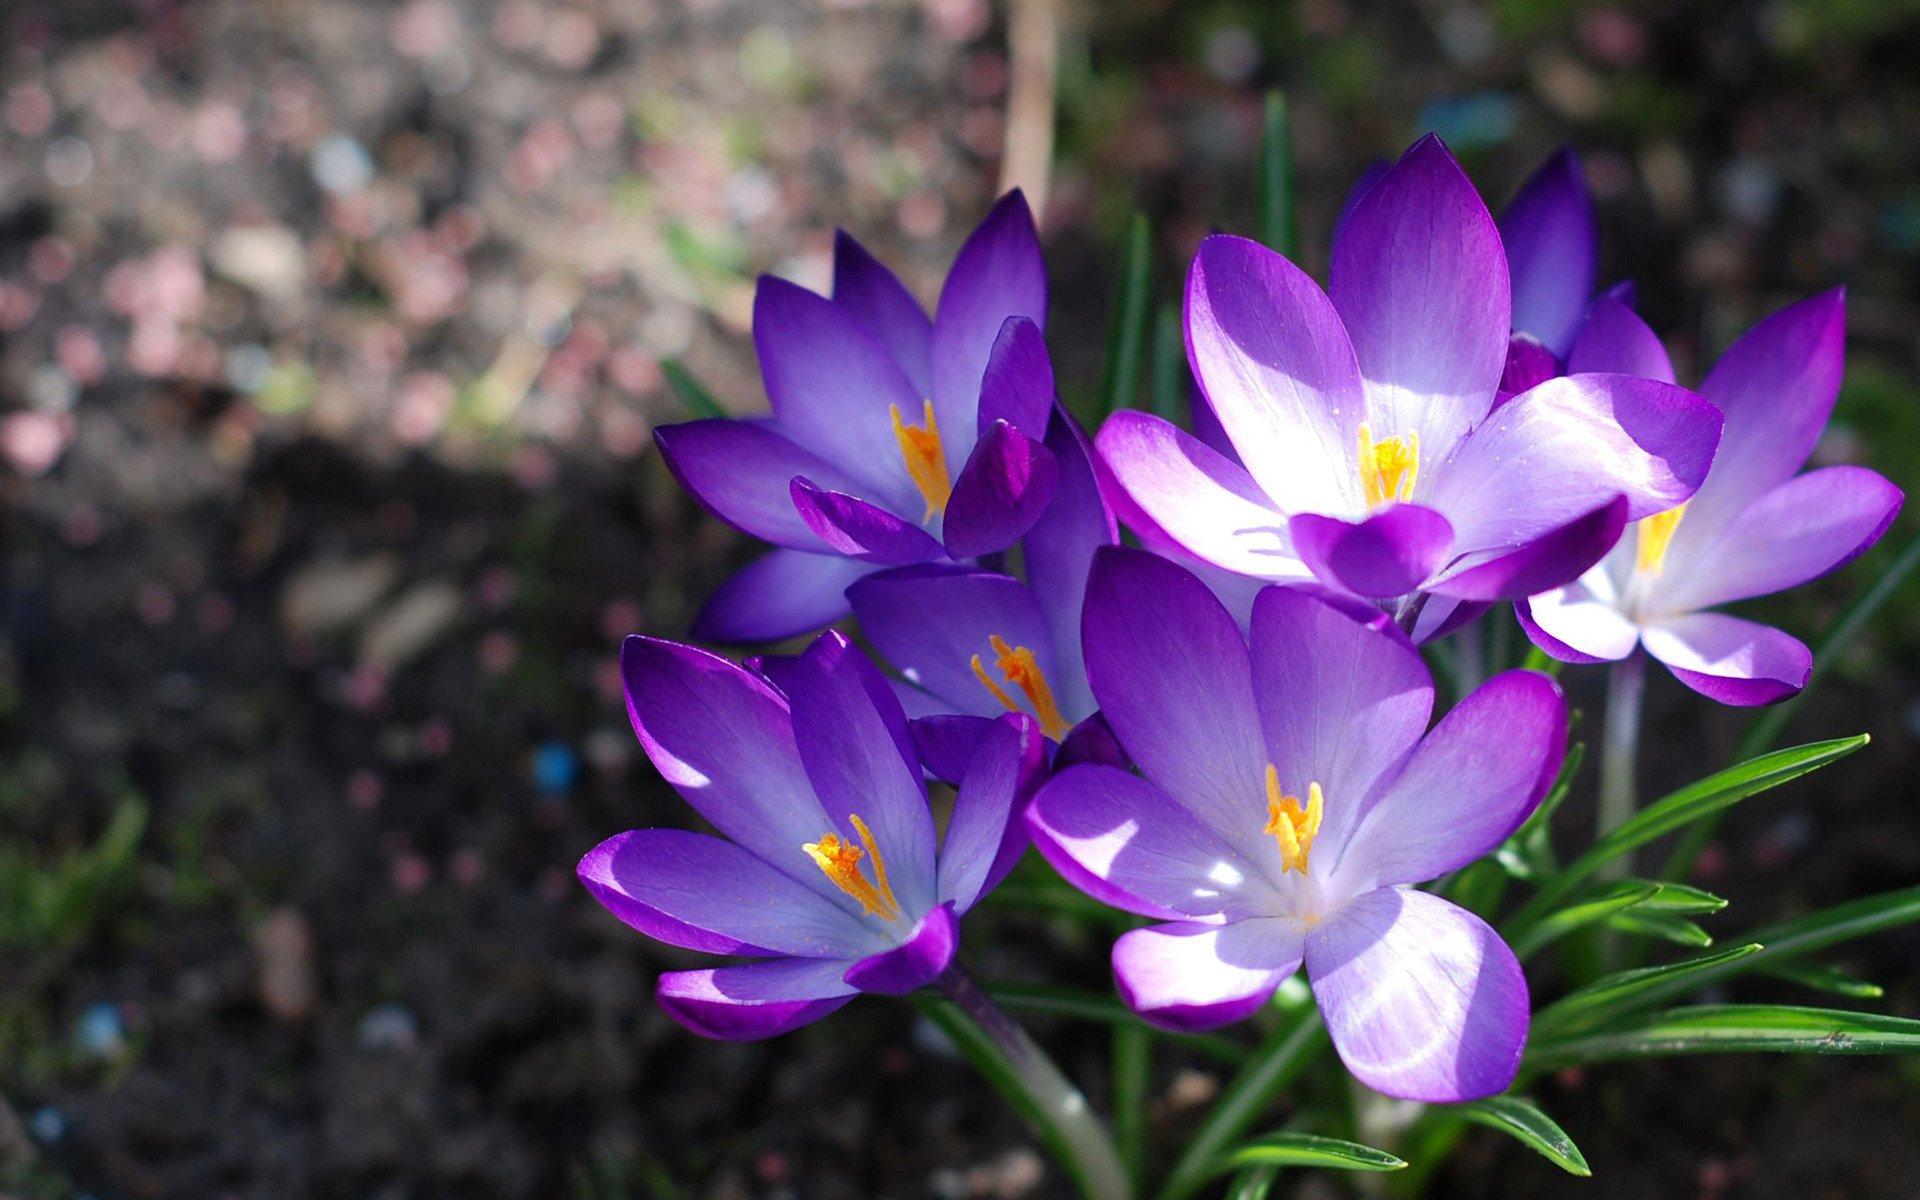 Цветы весна картинки обои, написать открытке деда